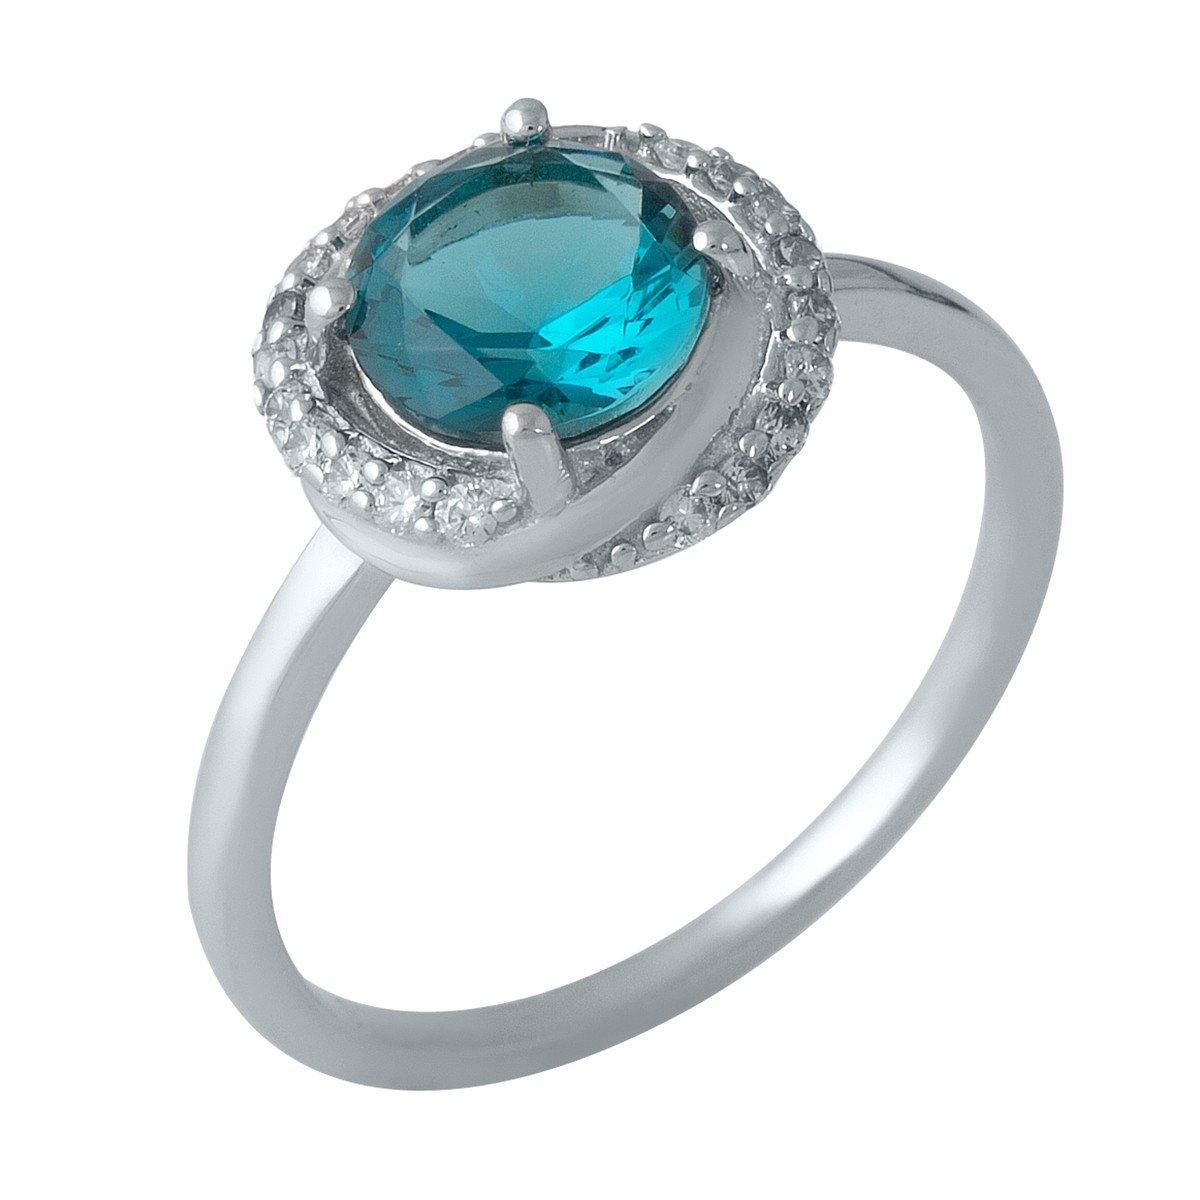 Серебряное кольцо pSilverAlex с натуральным топазом Лондон Блю (1988510) 18 размер